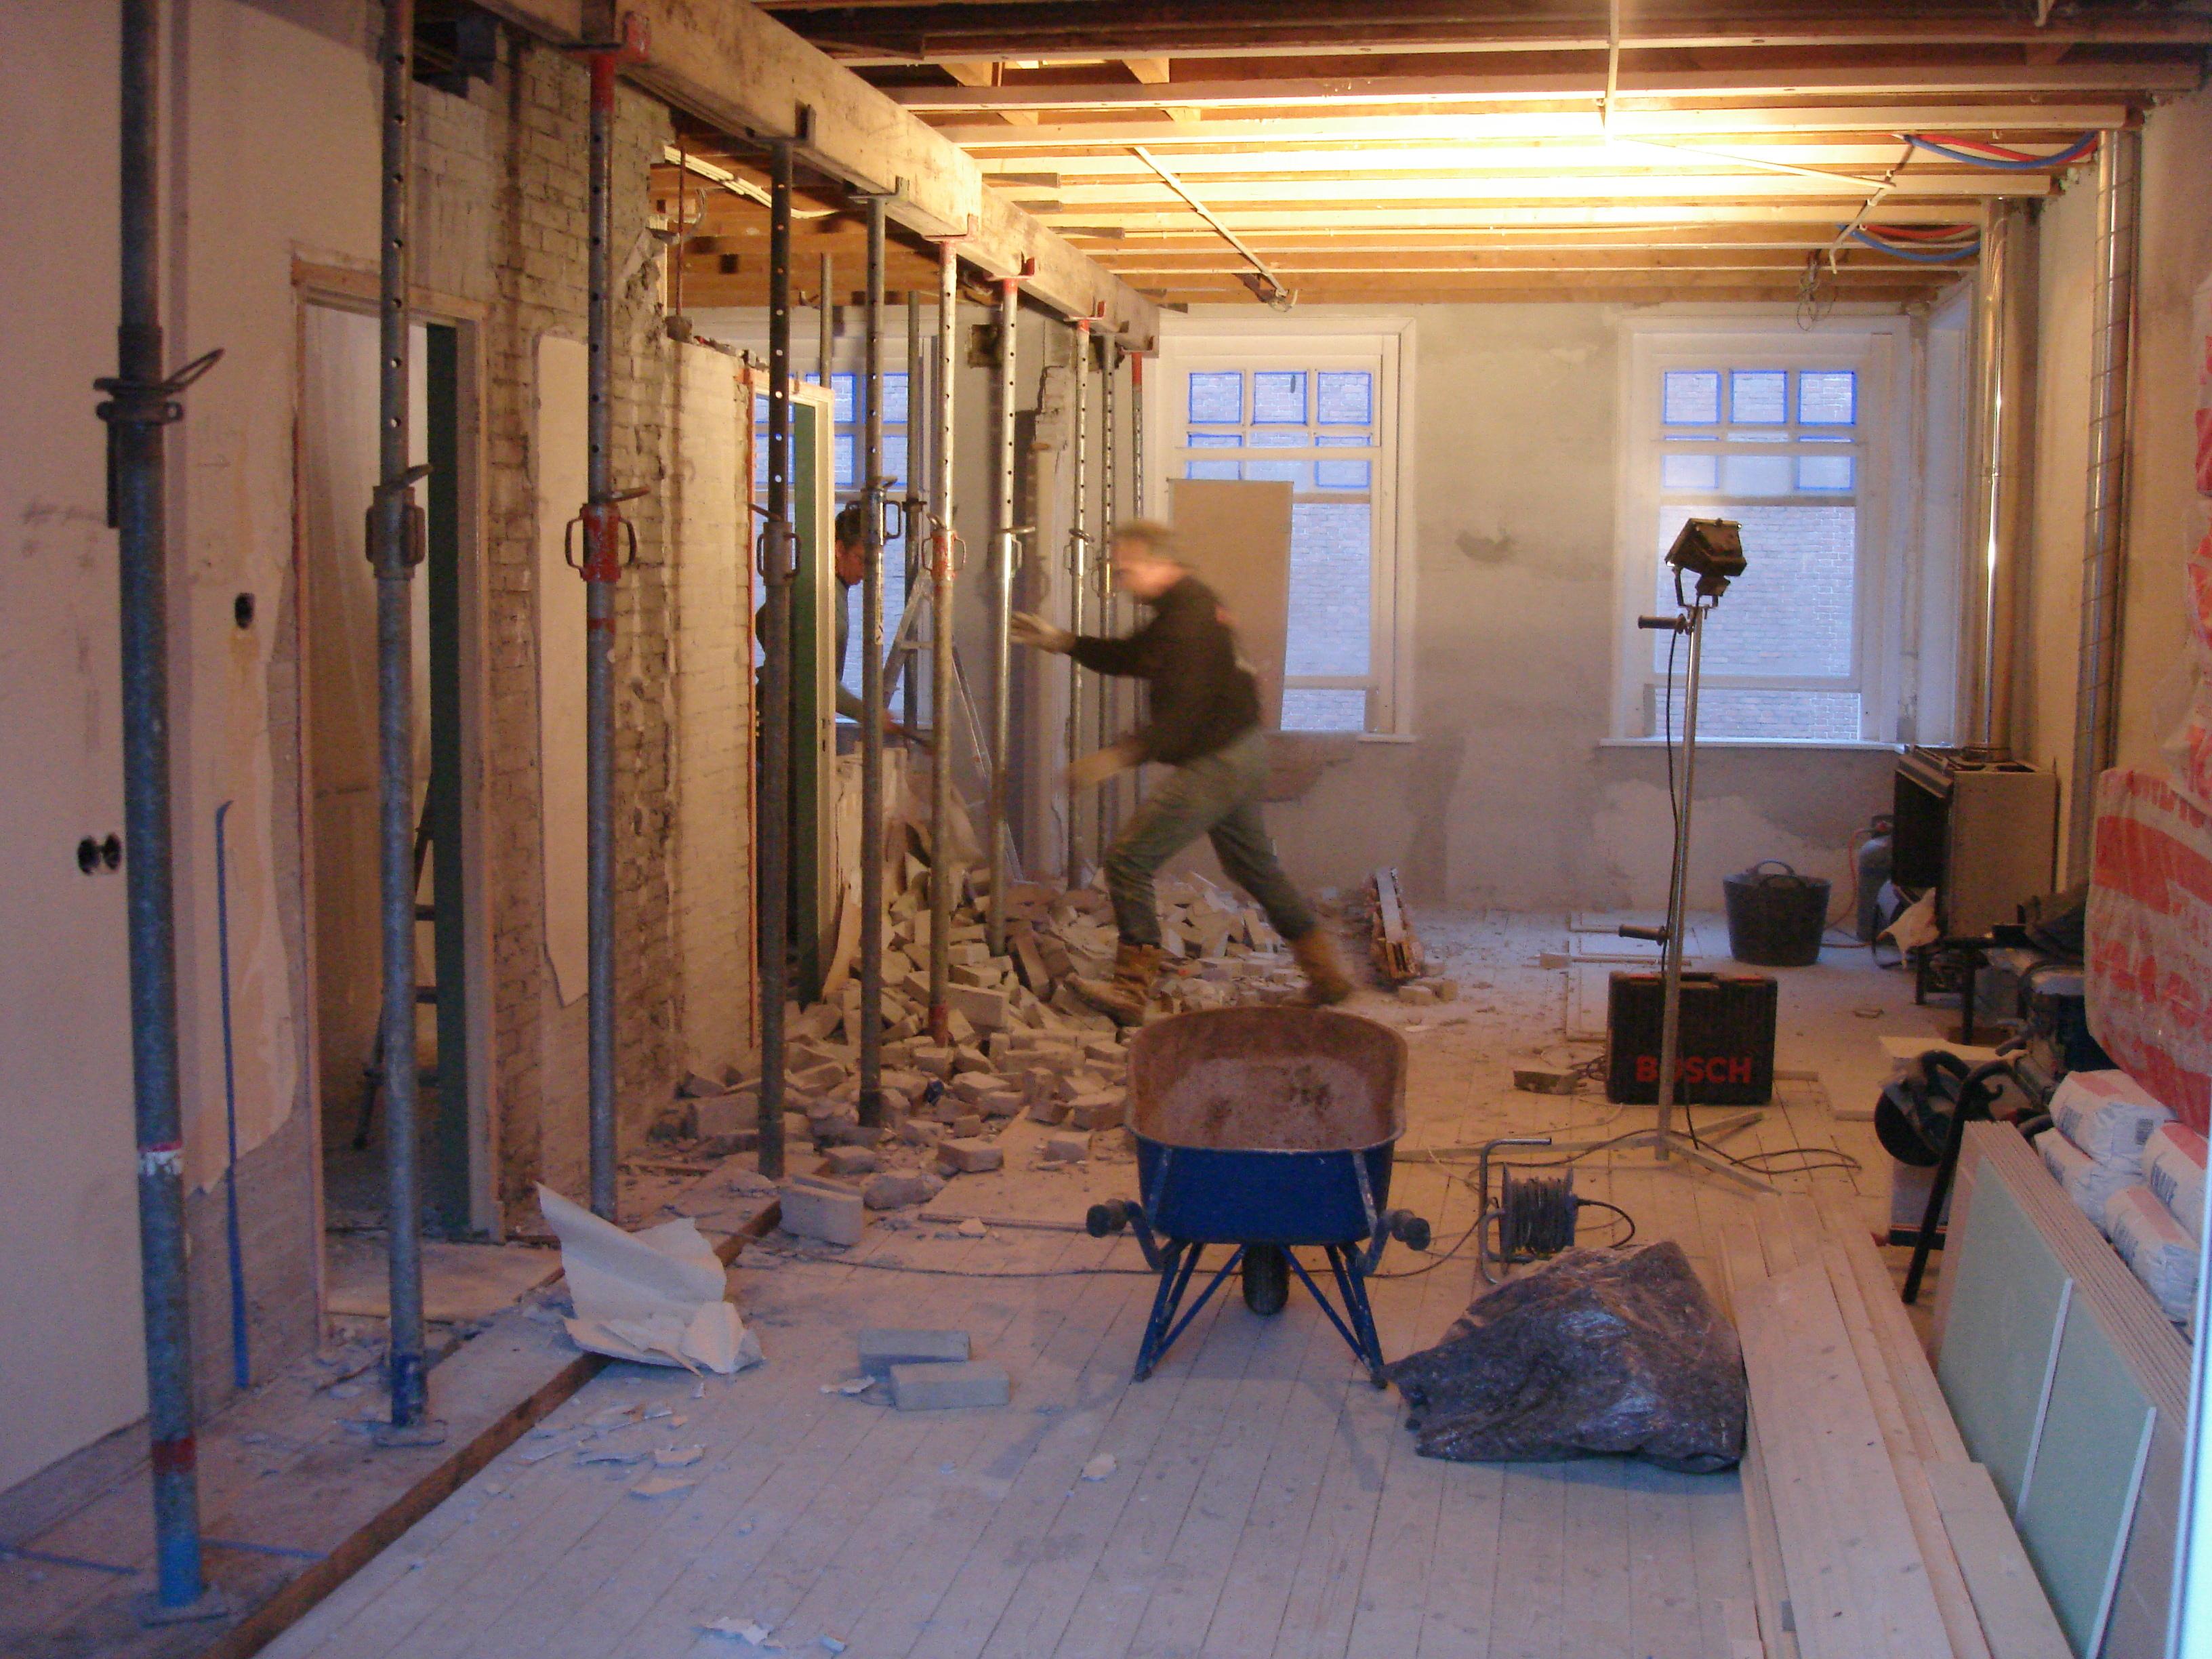 Steunmuur verwijderen - Deco kamer onder dekking ...